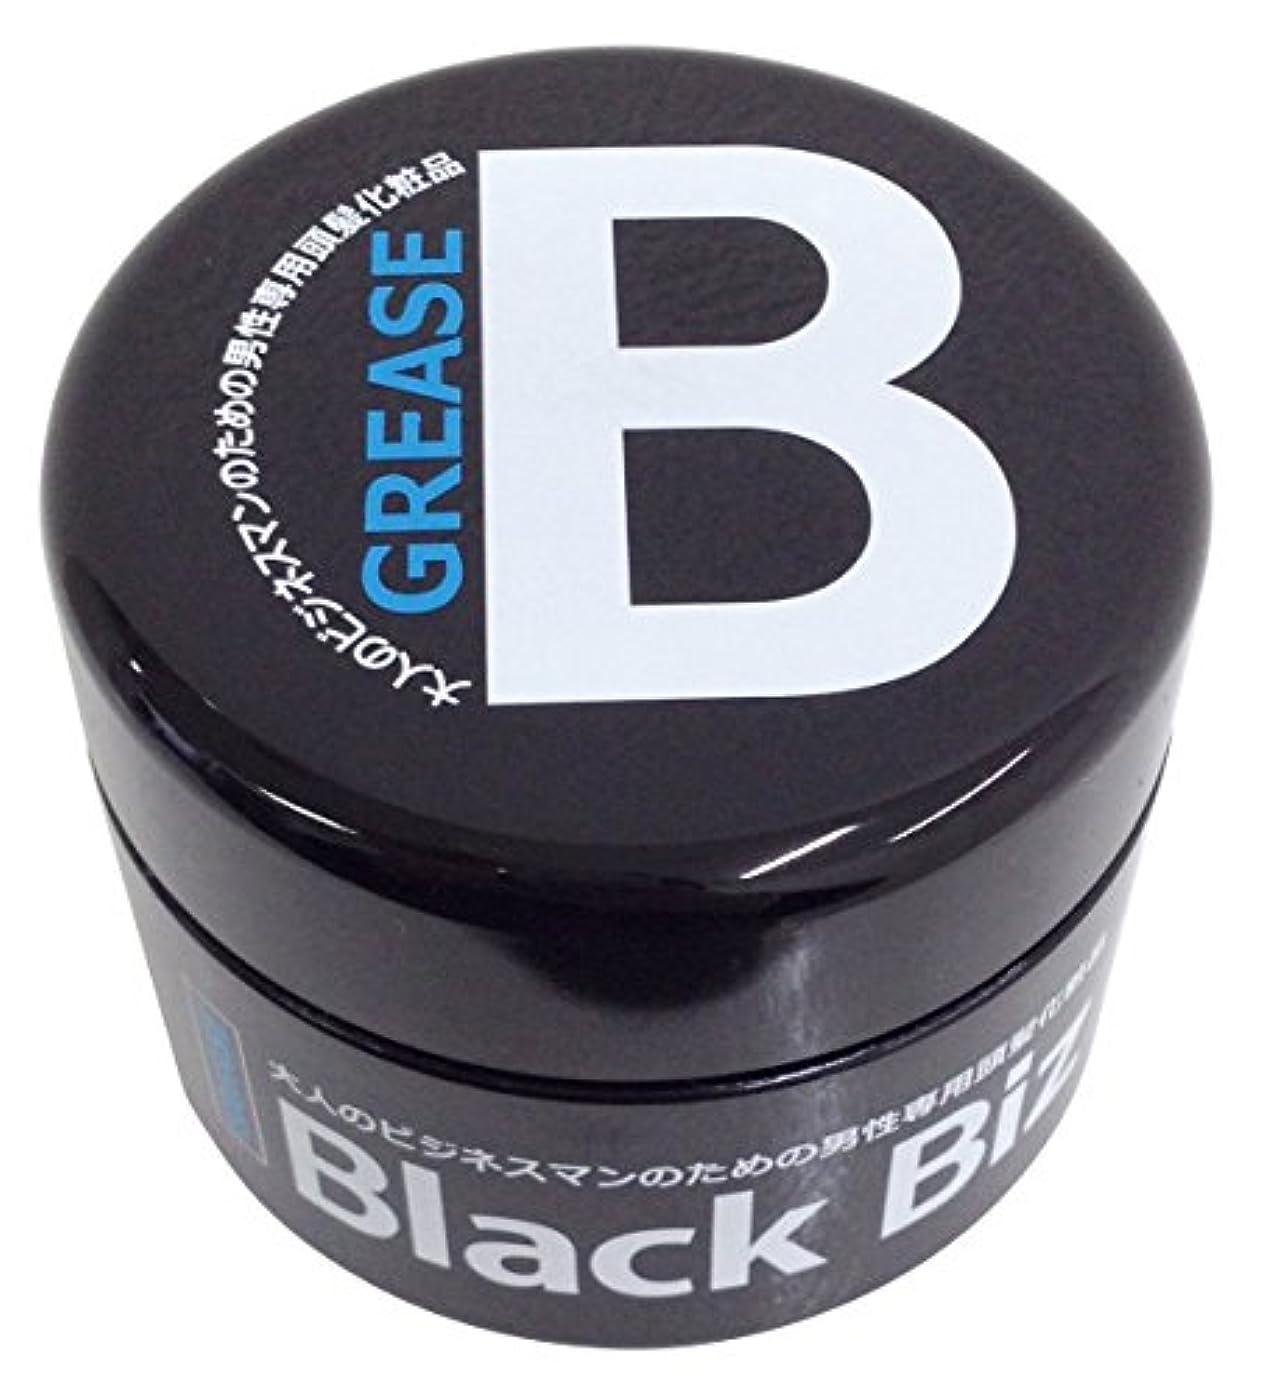 提唱する文字アラスカ大人のビジネスマンのための男性専用頭髪化粧品 BlackBiz GREASE SOFT ブラックビズ グリース ソフト